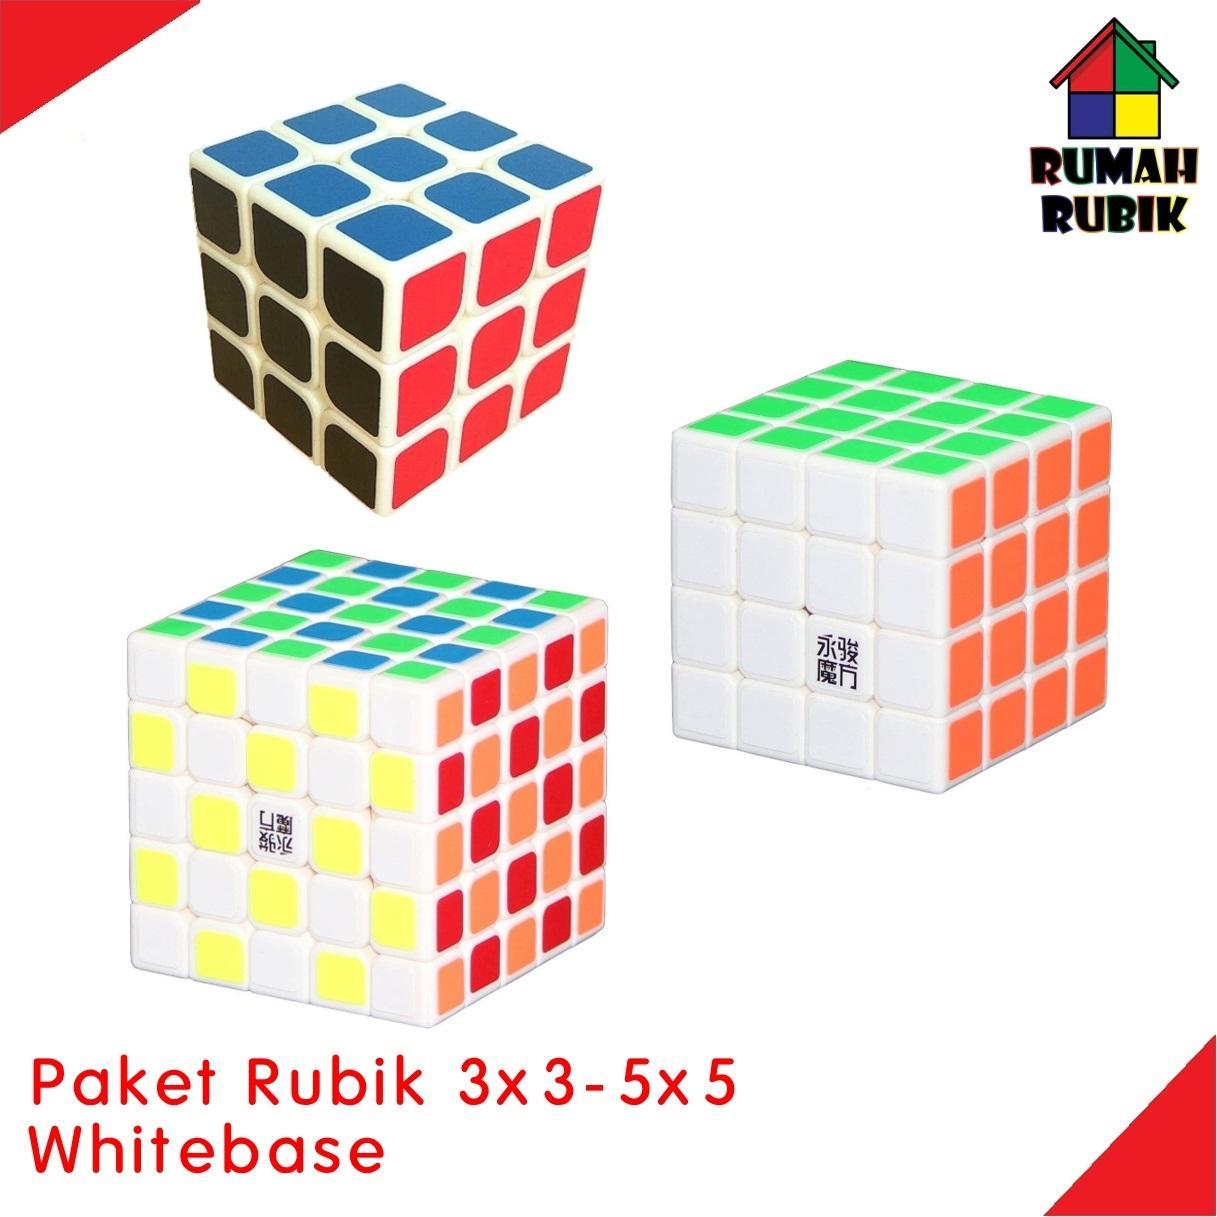 Paket Rubik YJ 3x3 Brains Cube W + YJ 4x4 Guansu W + YJ 5x5 Yuchuang